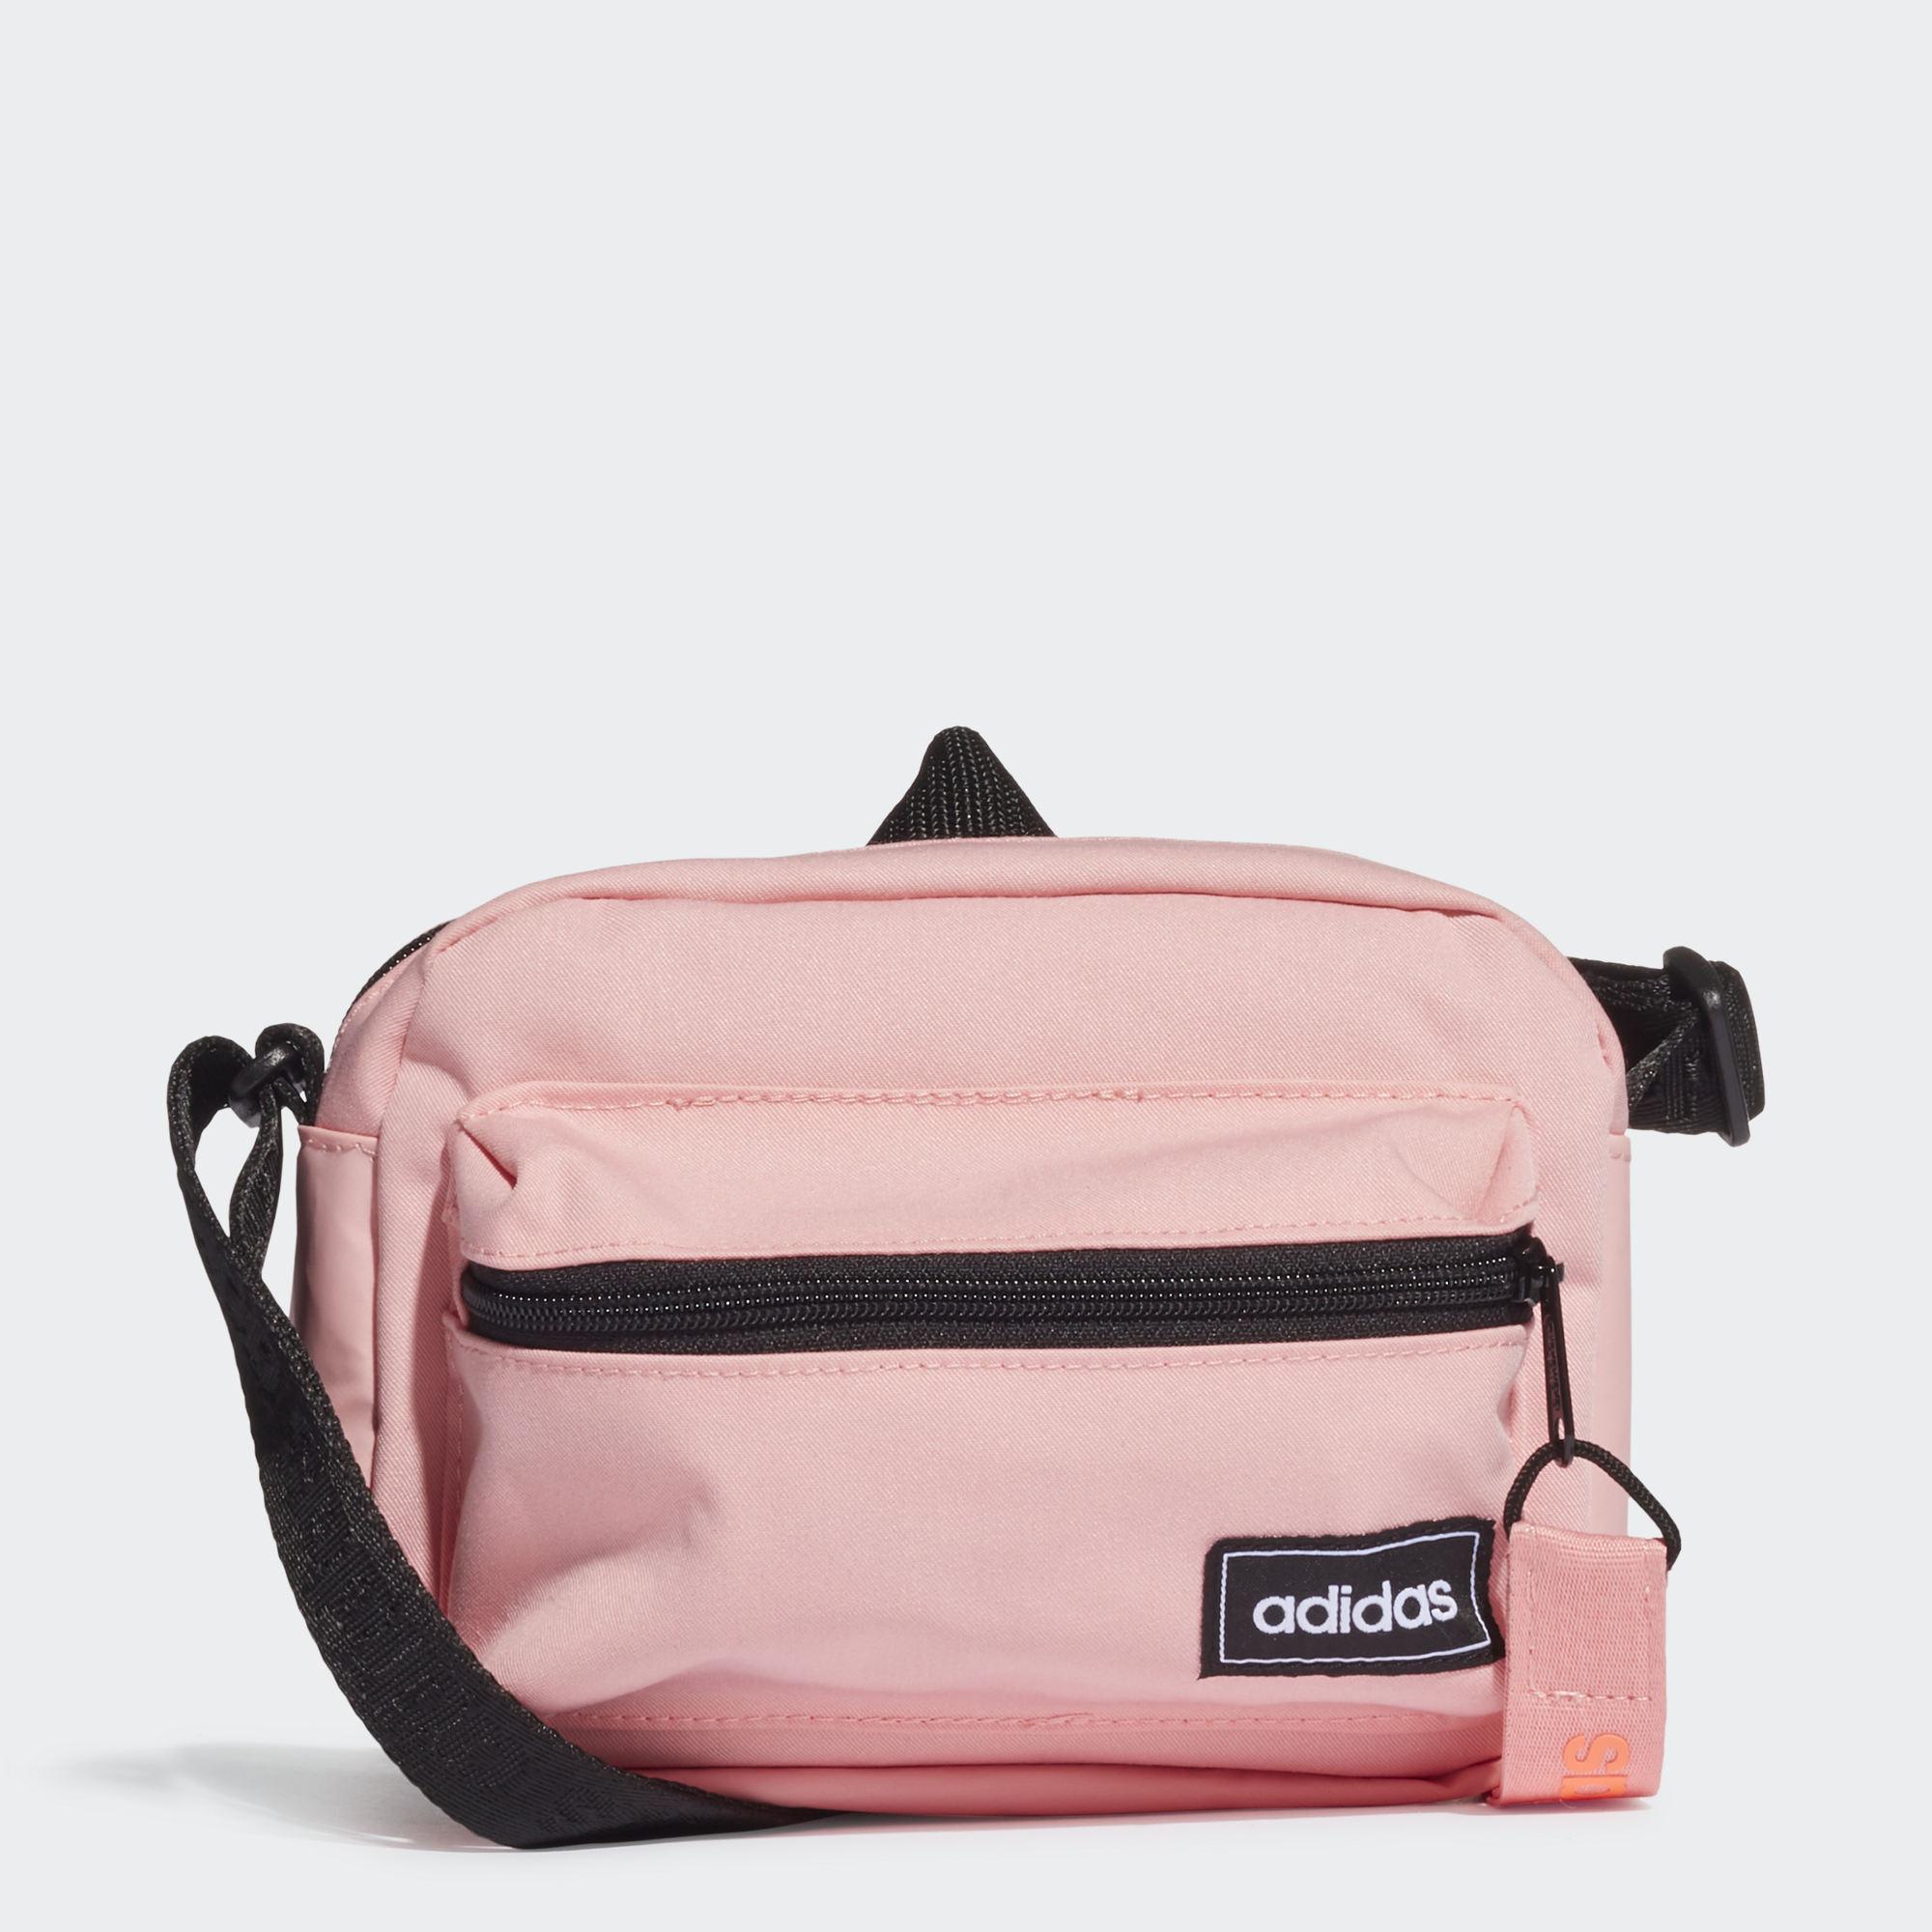 方便攜帶的堅韌斜背包